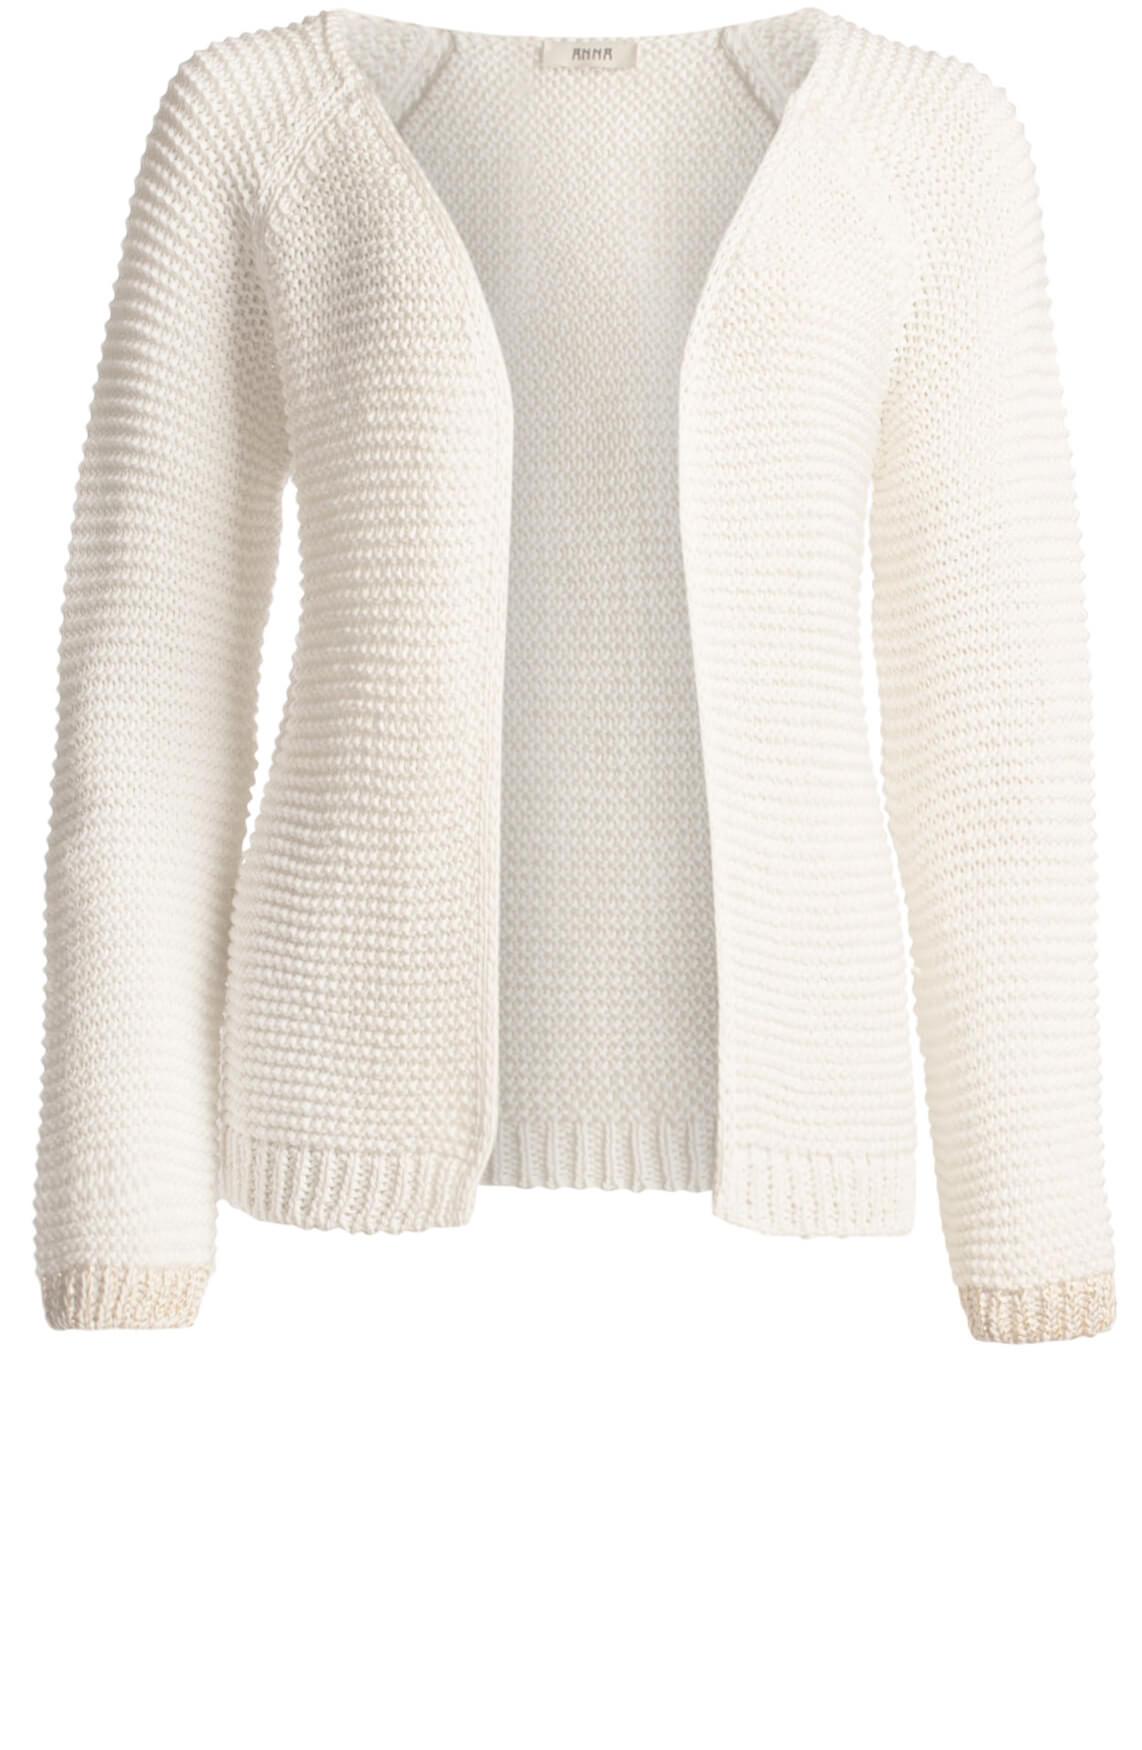 Anna Dames Gebreid vest met lurex detail wit